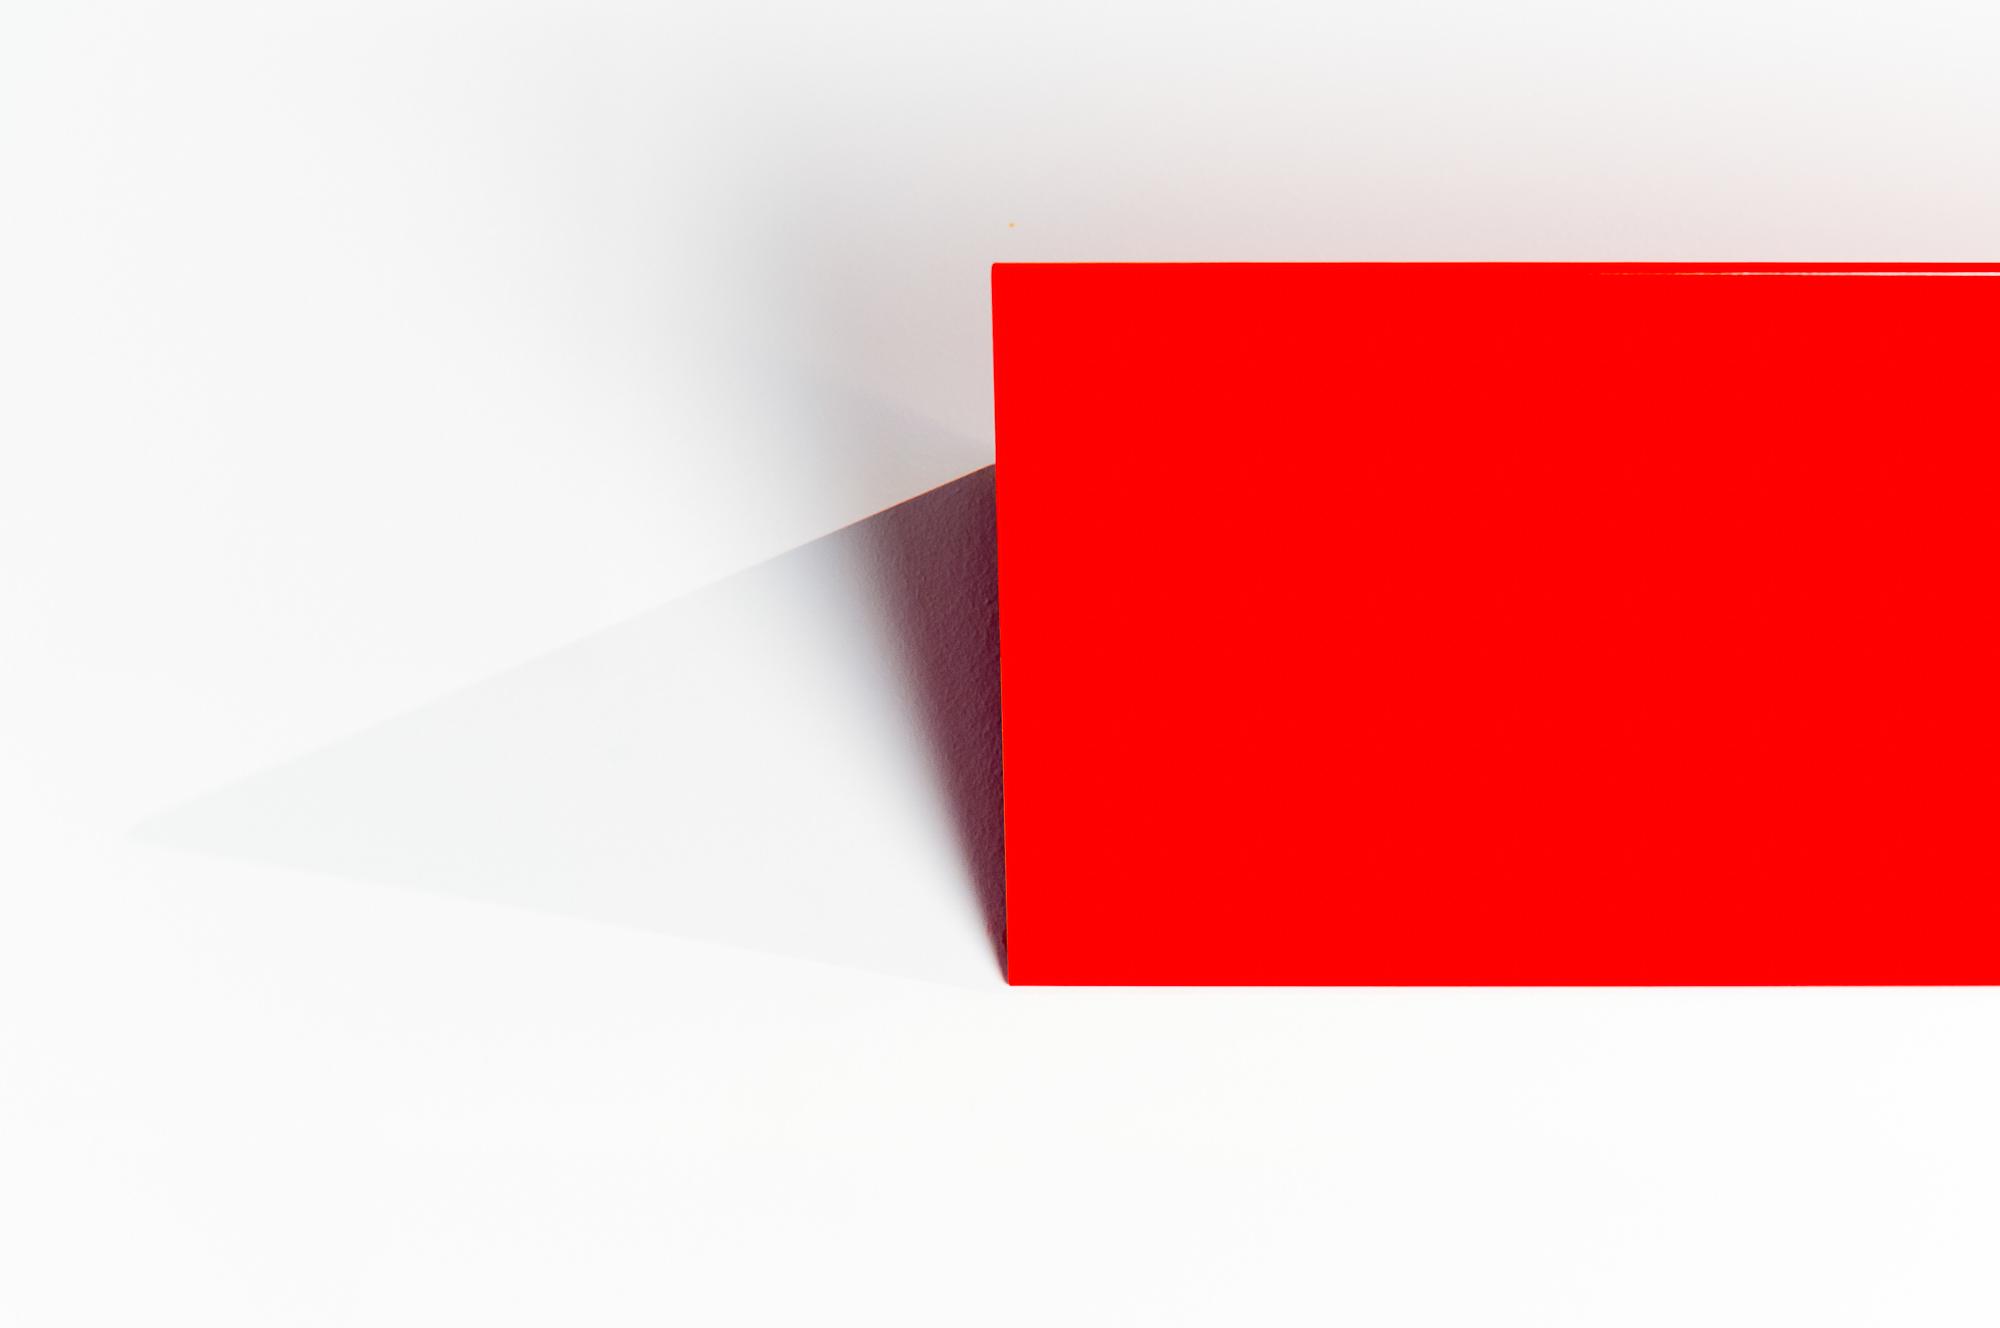 Objects_0174.jpg